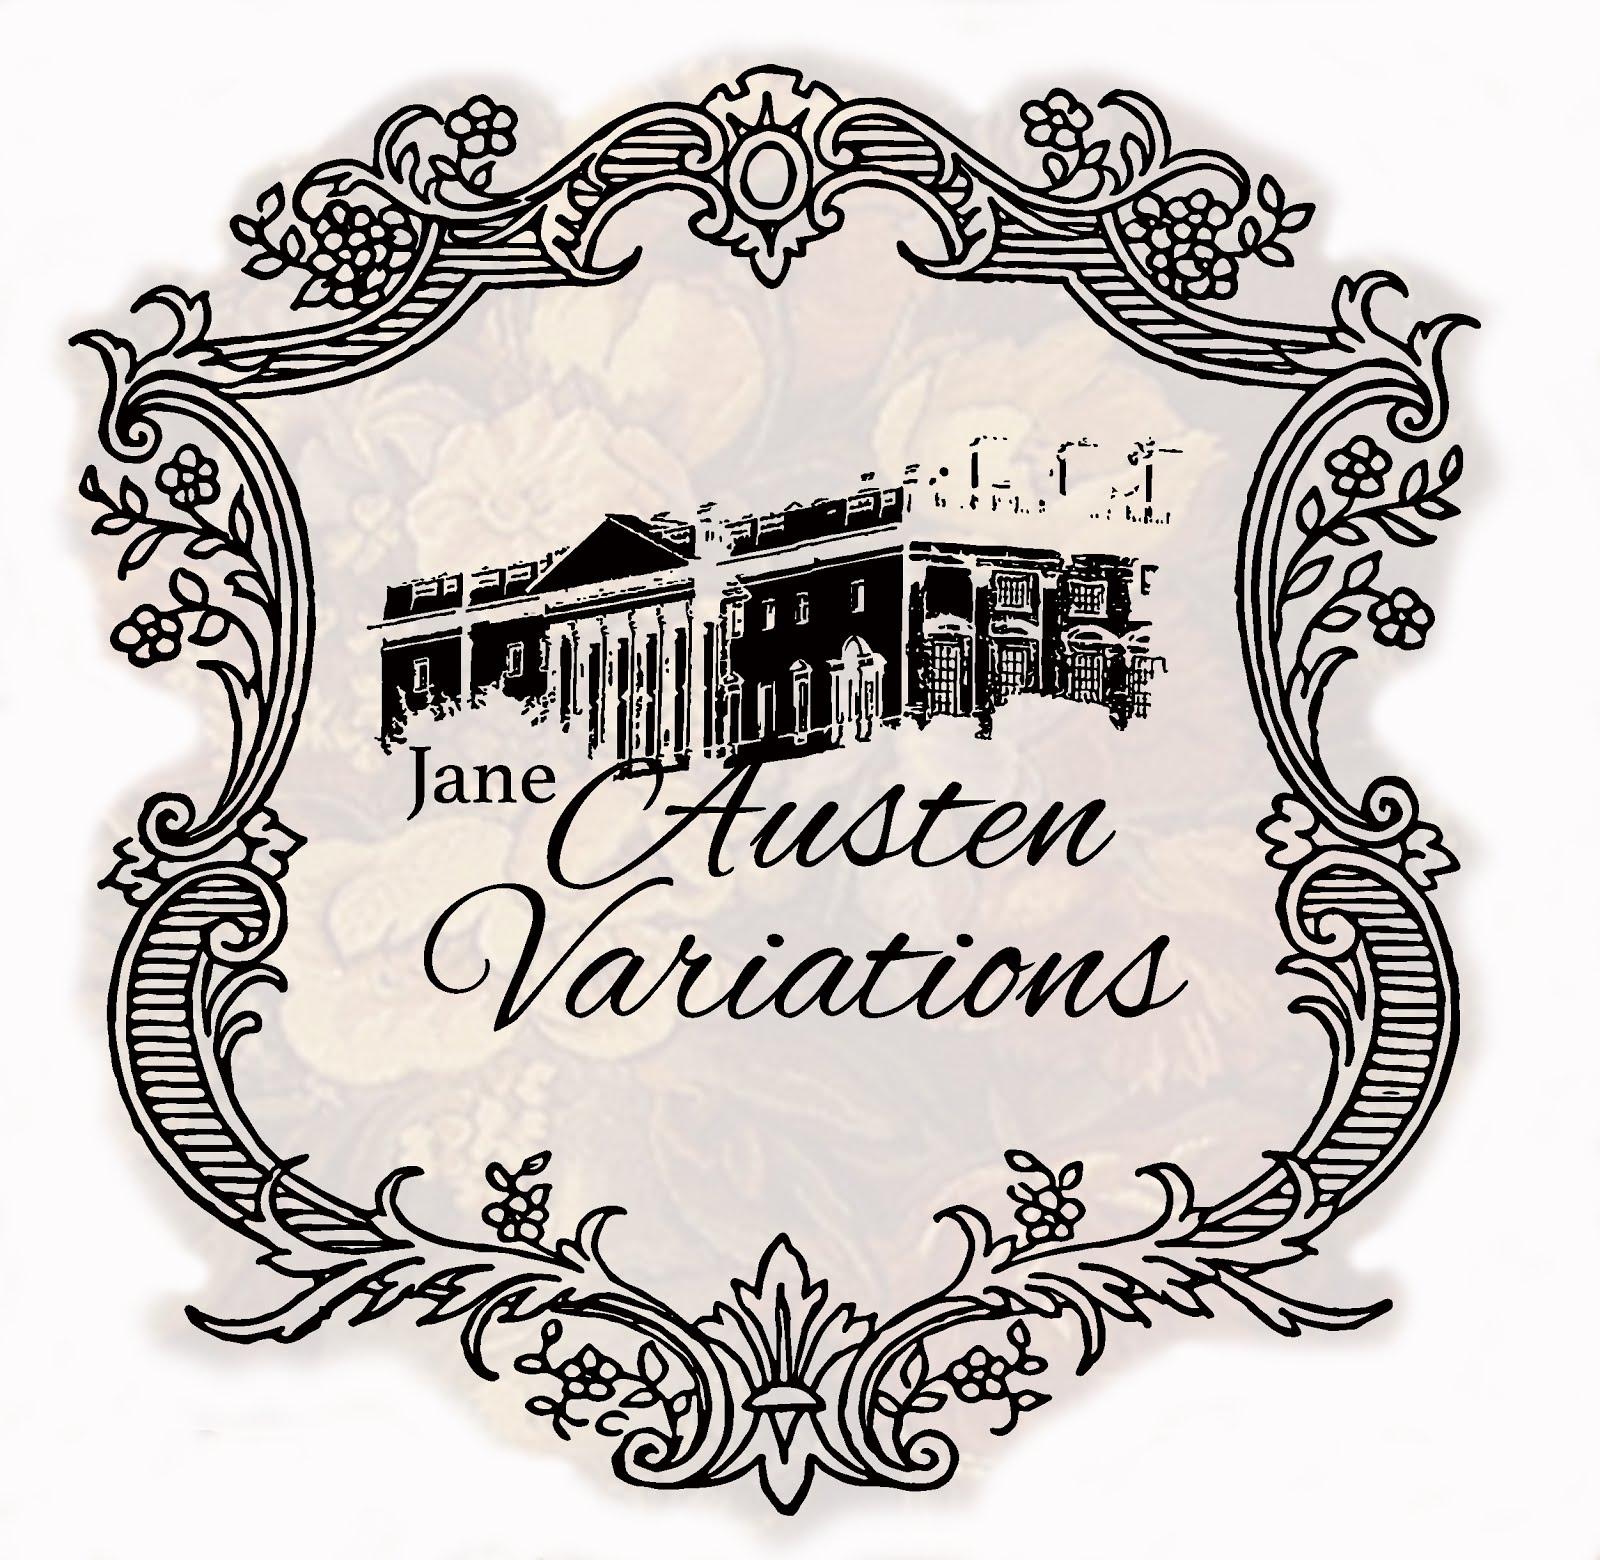 Member of Austen Variations